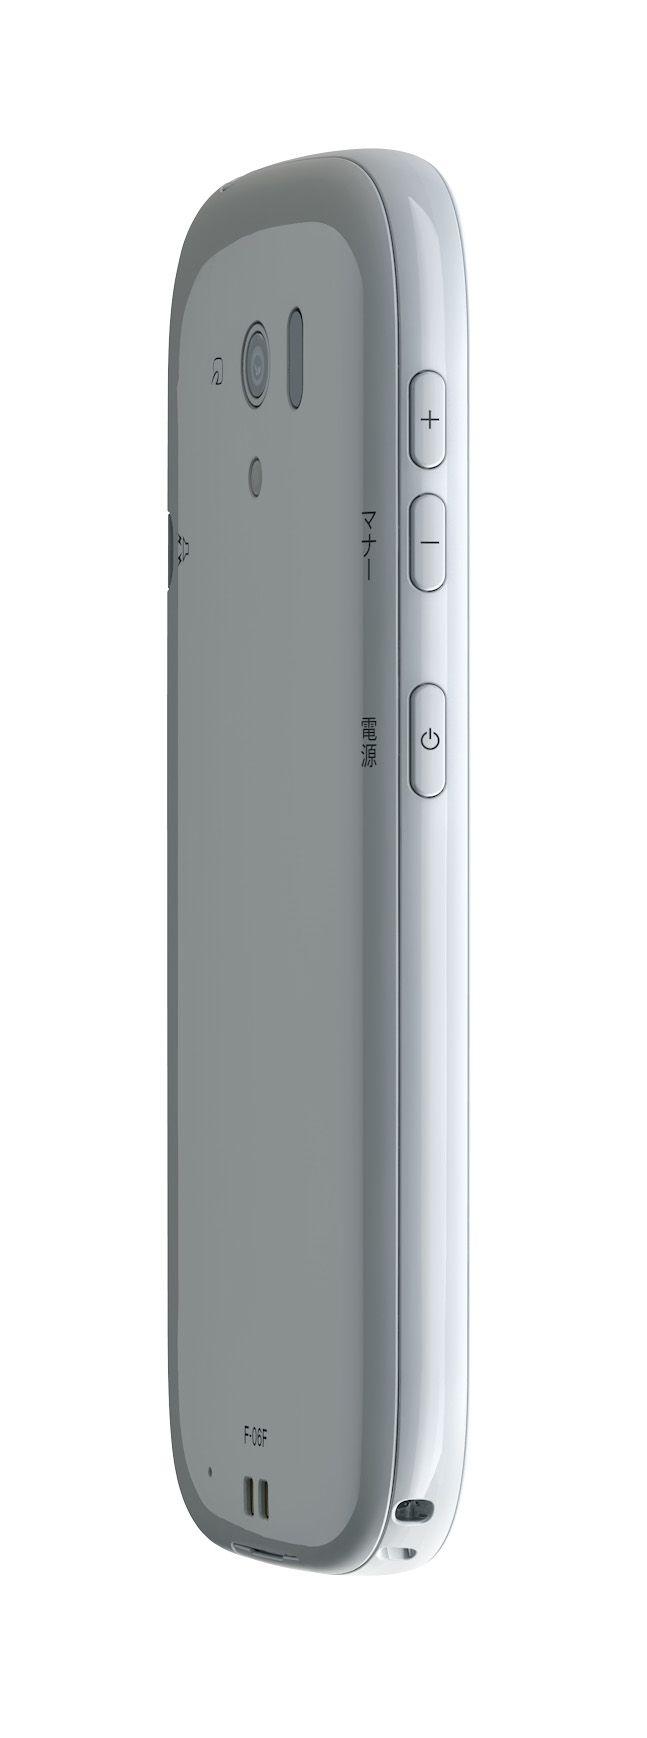 Fujitsu #phone